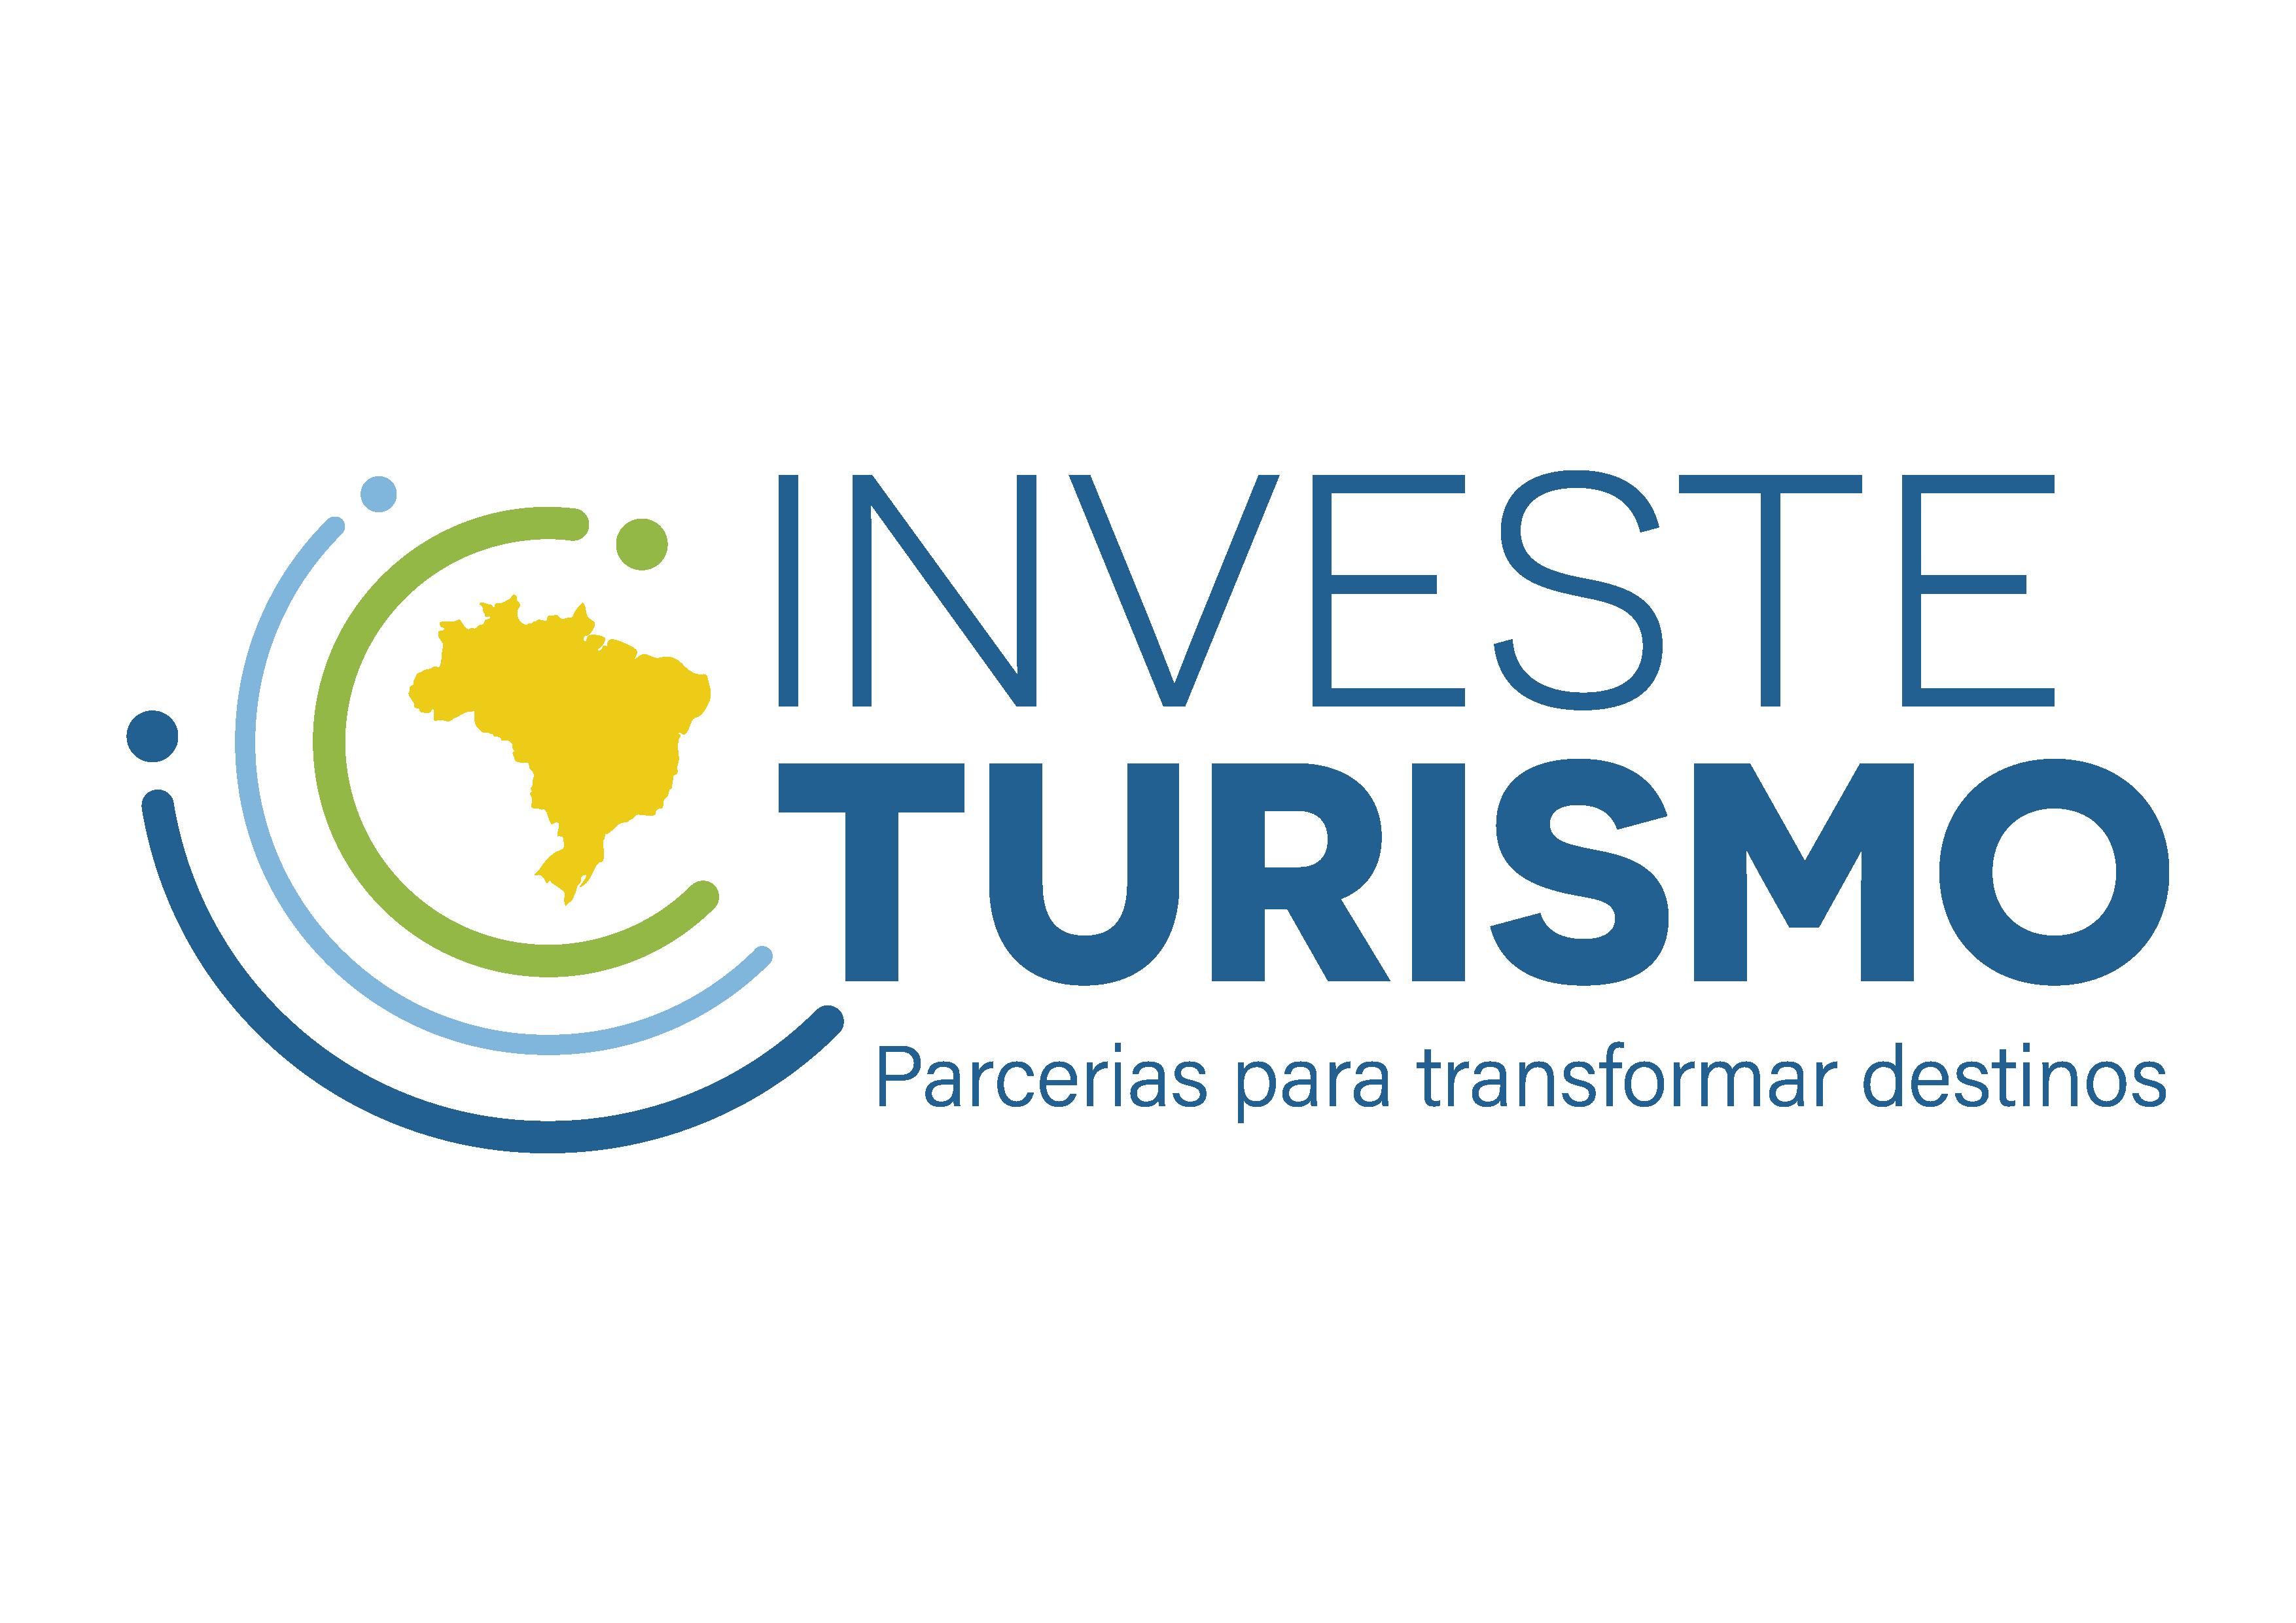 marca investe turismo